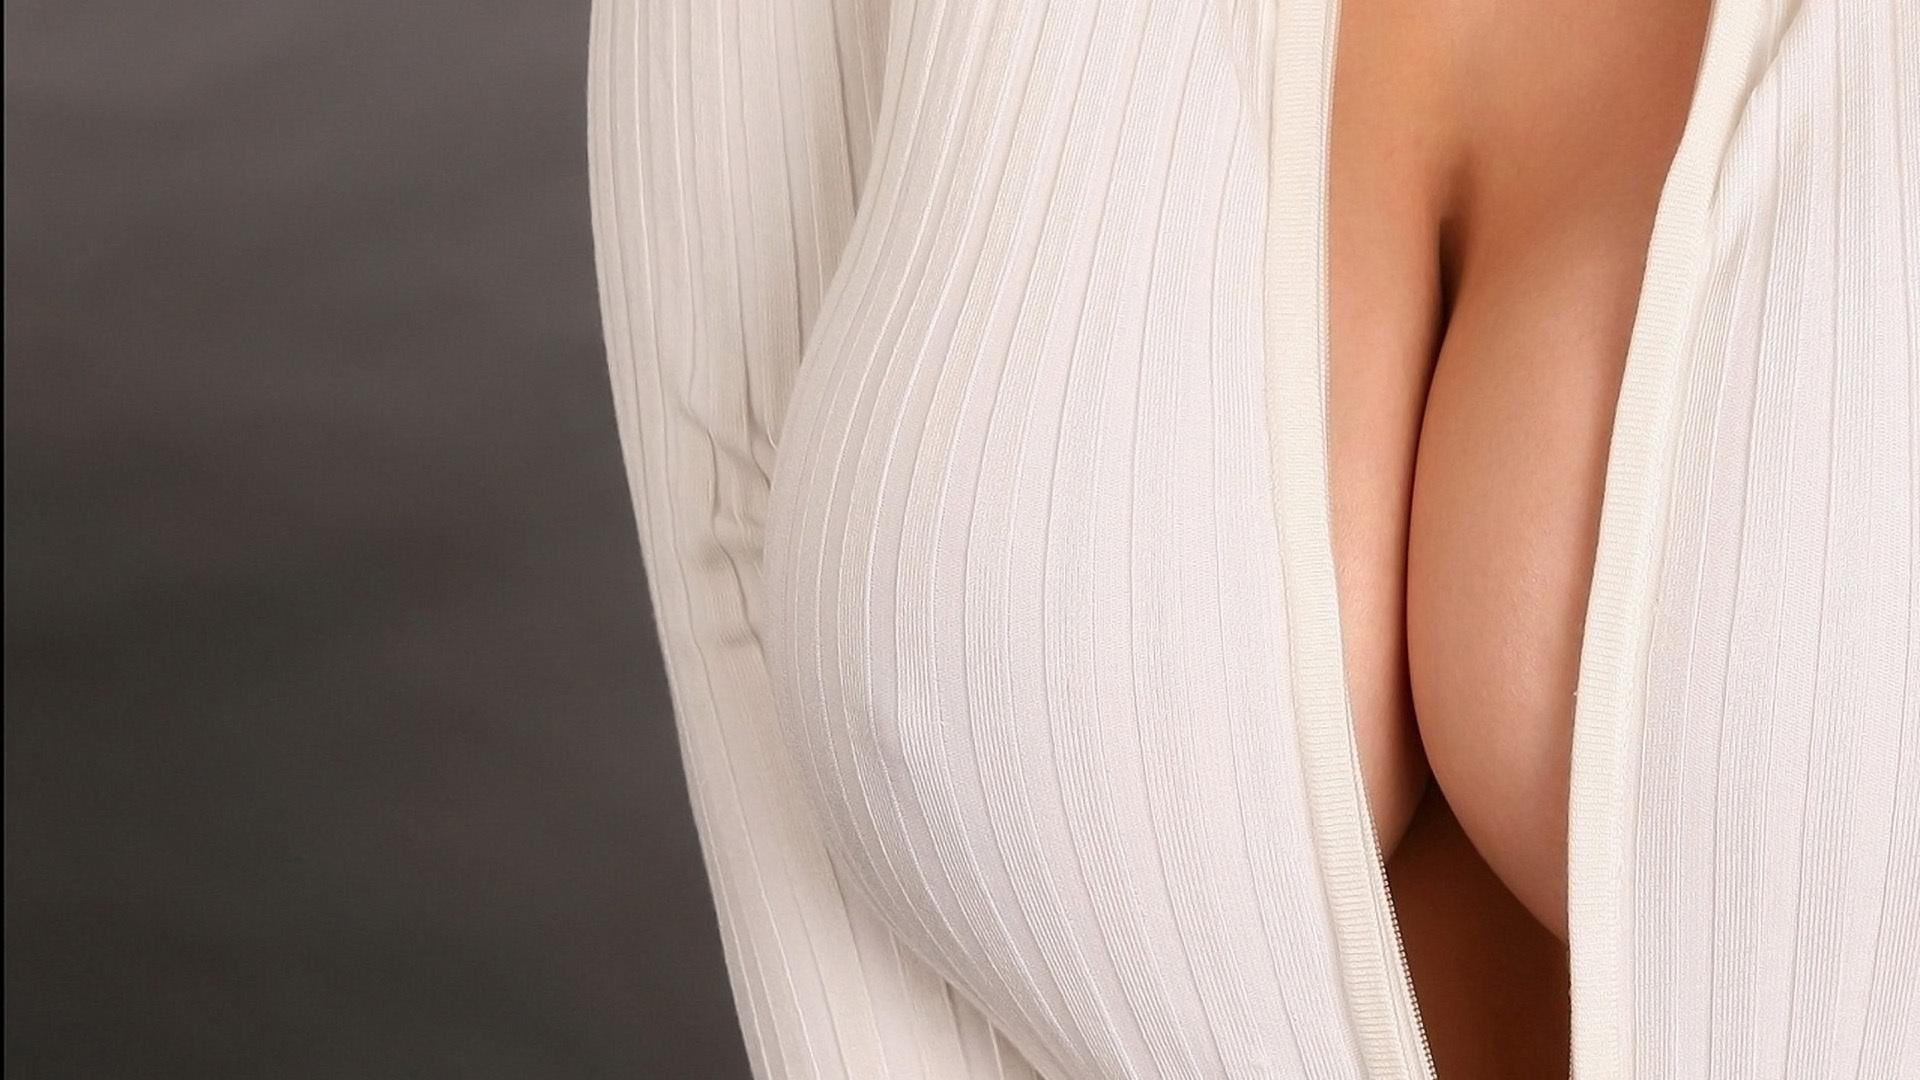 Фото сиски в масле, Секси девушка в масле Голые письки 24 фотография